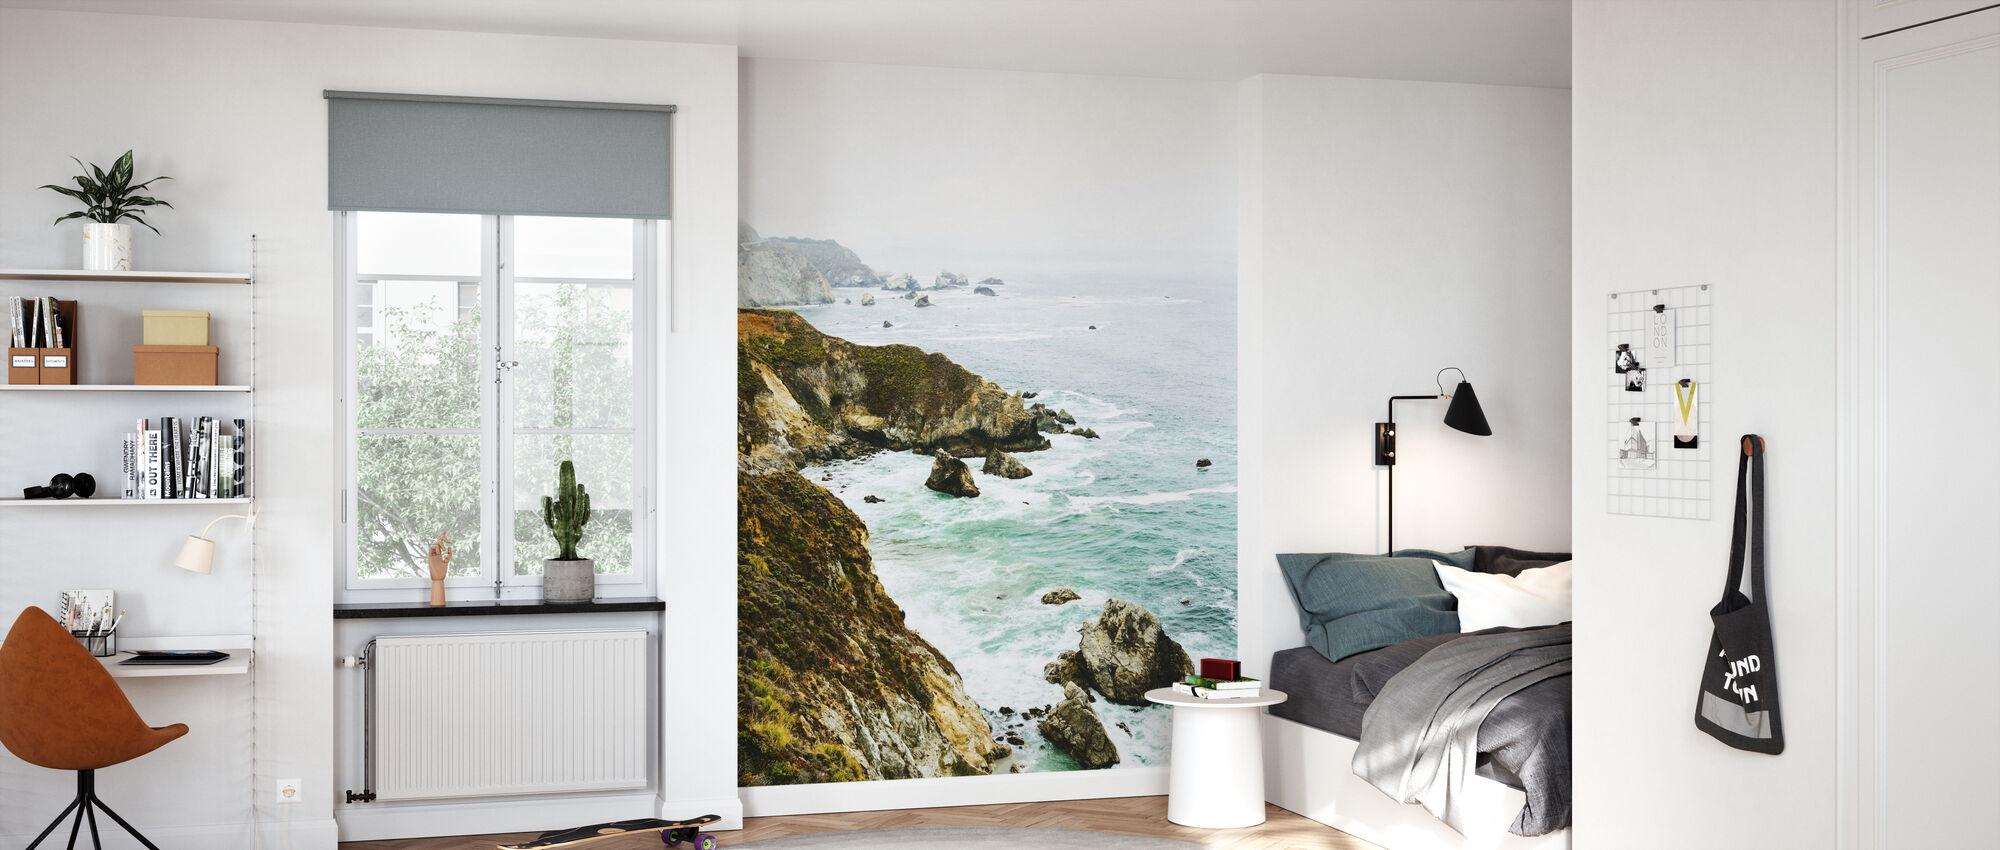 Rock Coastline - Wallpaper - Kids Room